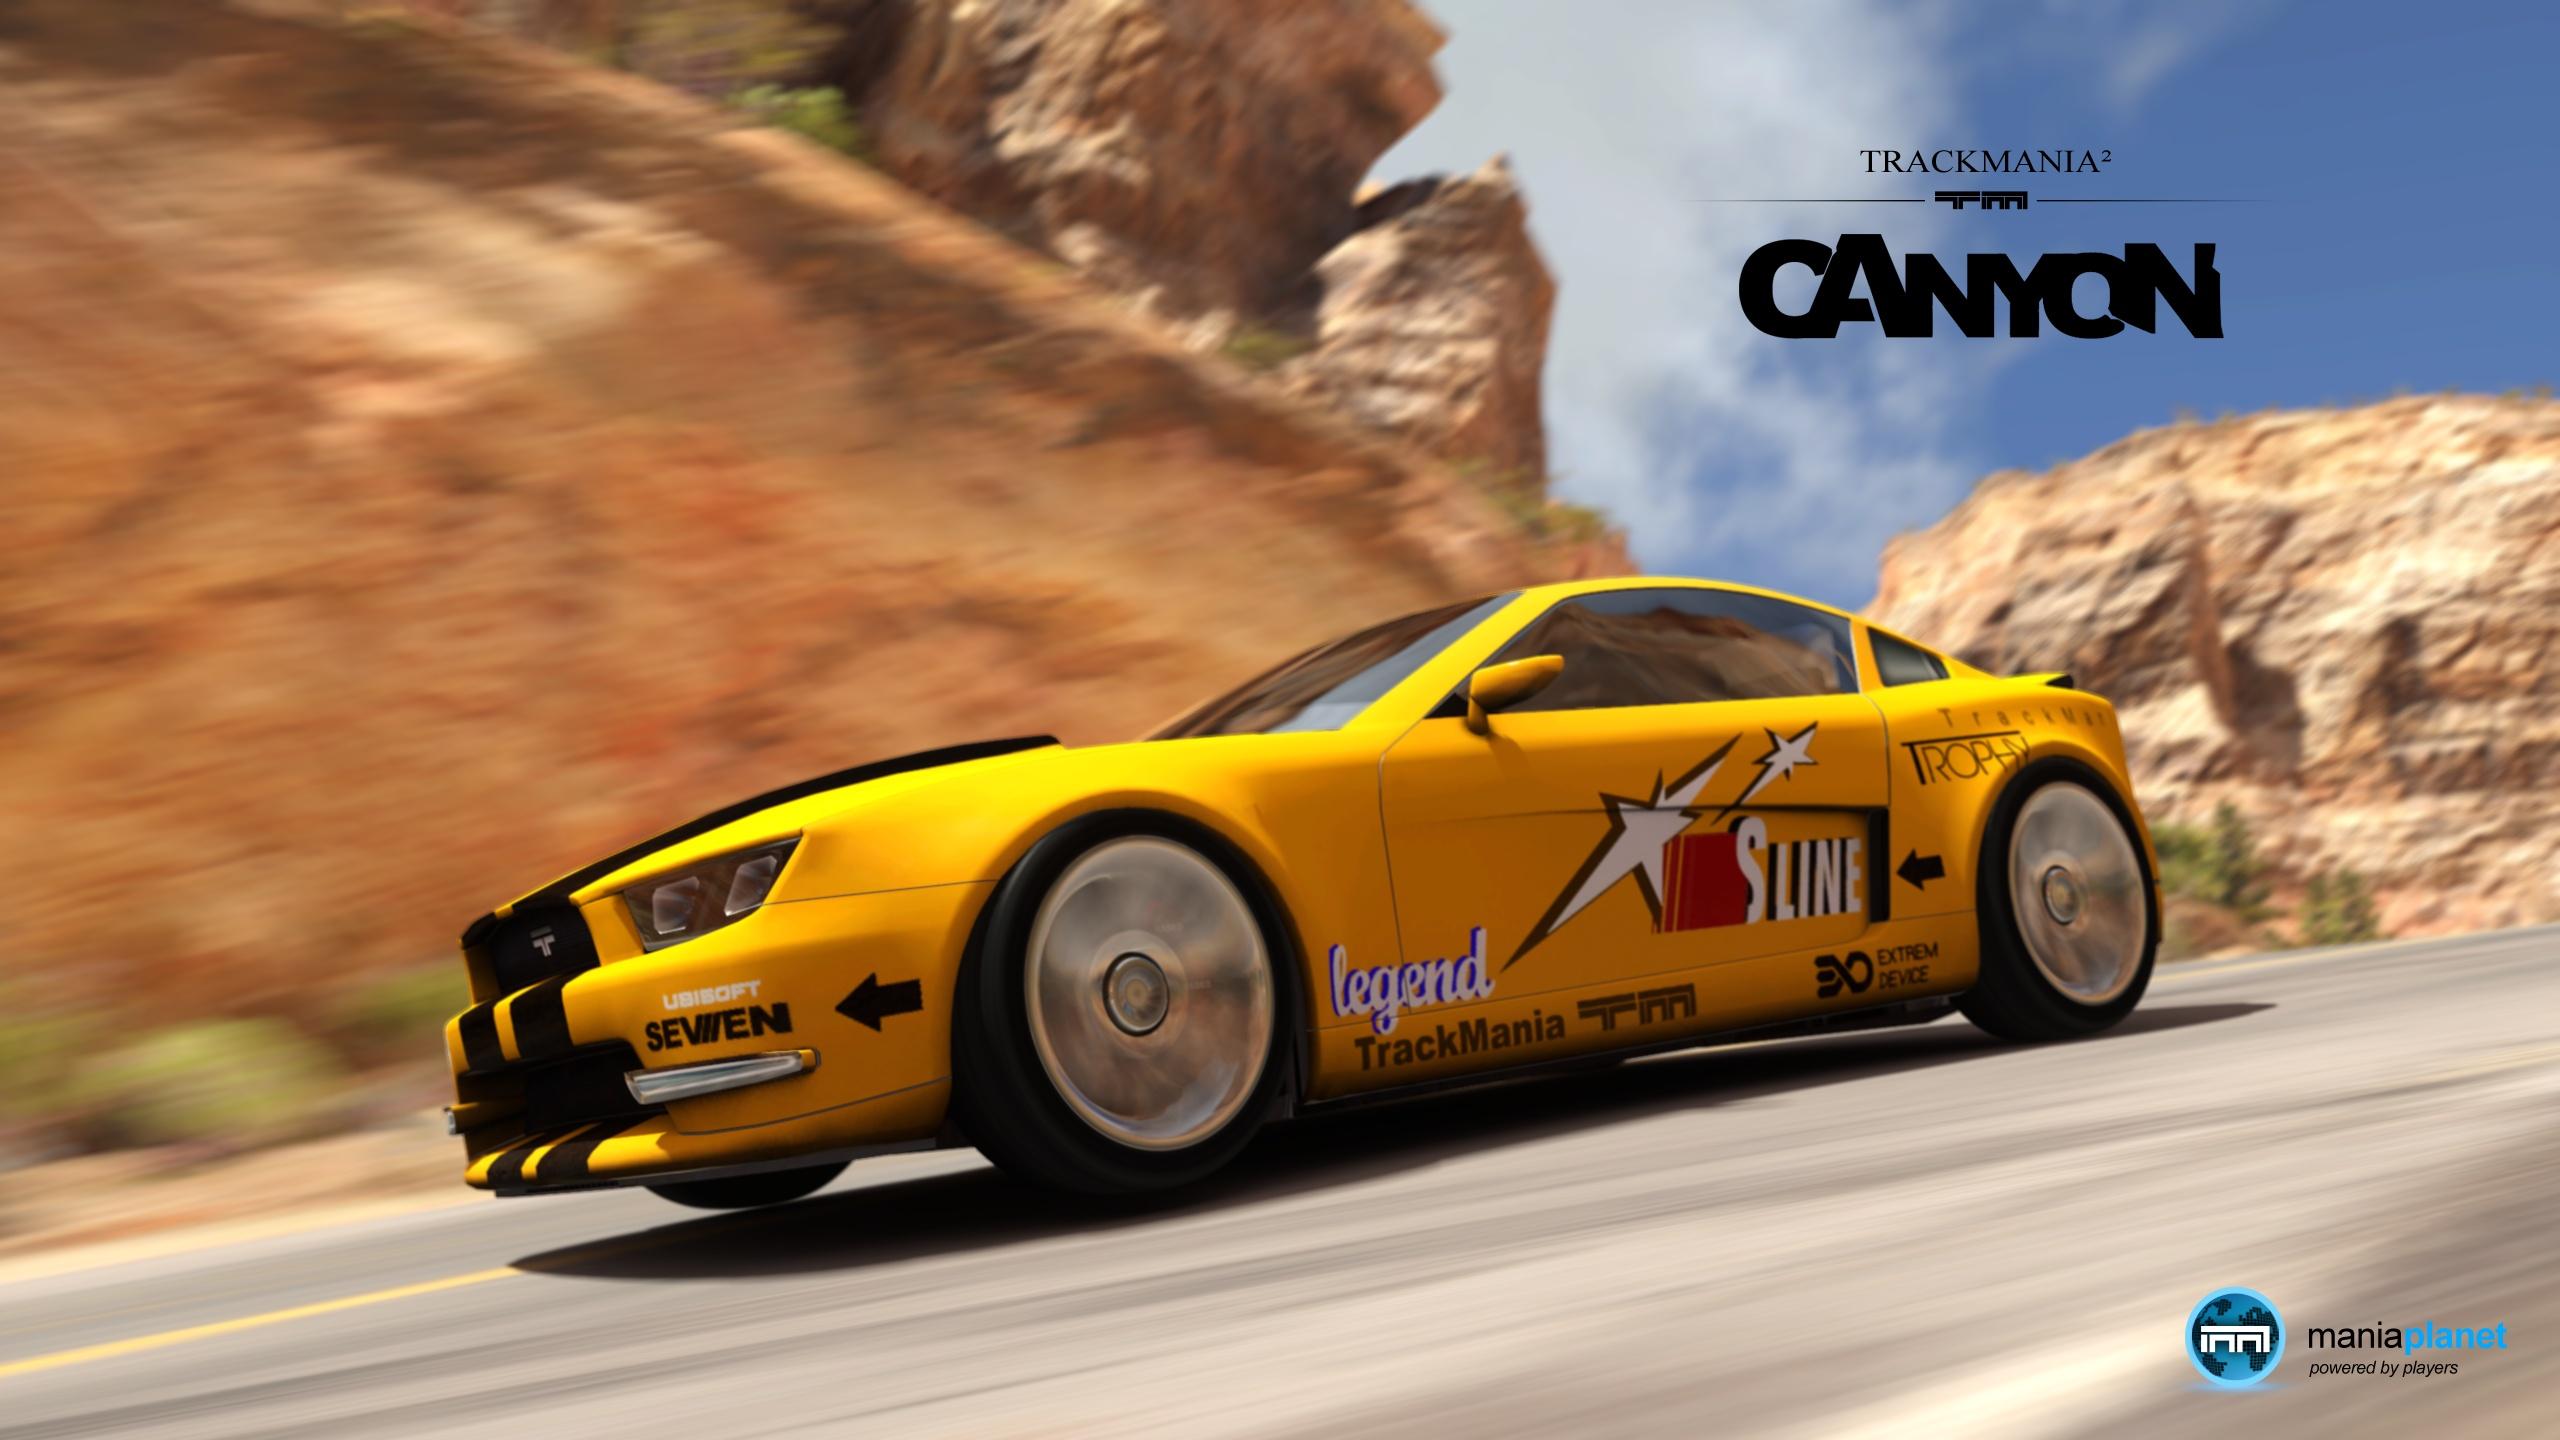 jeux trackmania 2 canyon gratuit